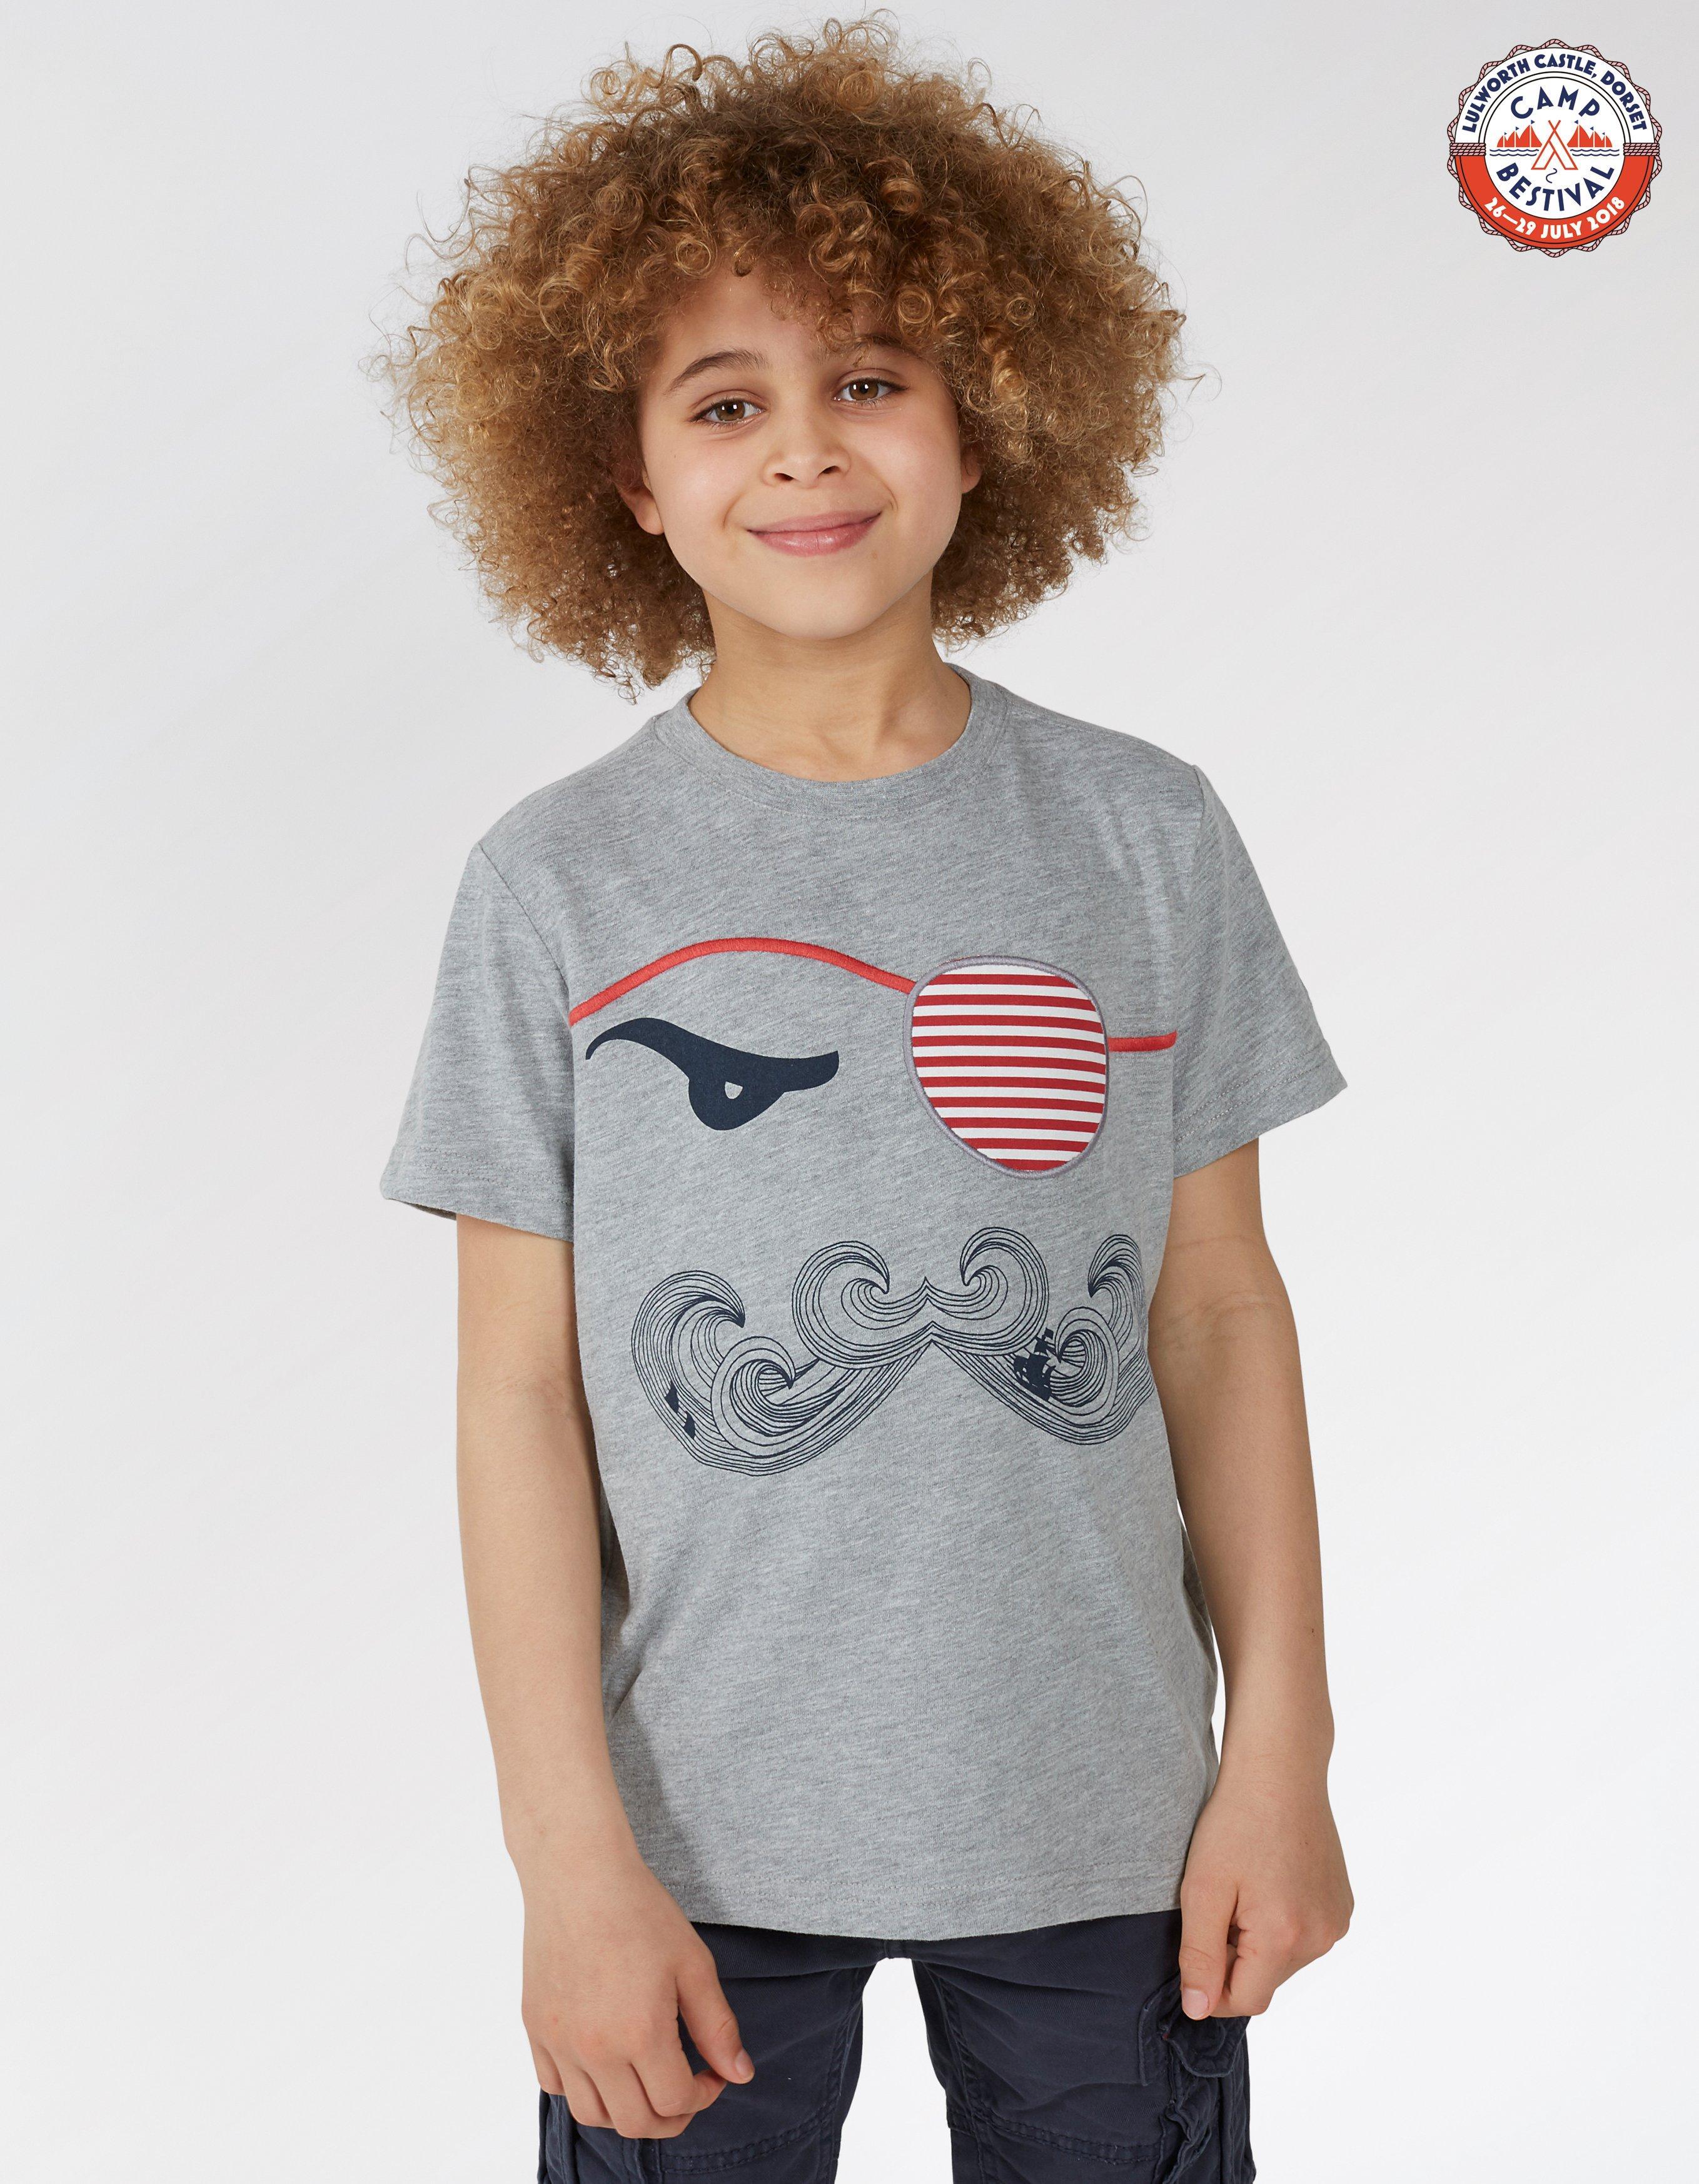 Camp Bestival Pirate T-Shirt